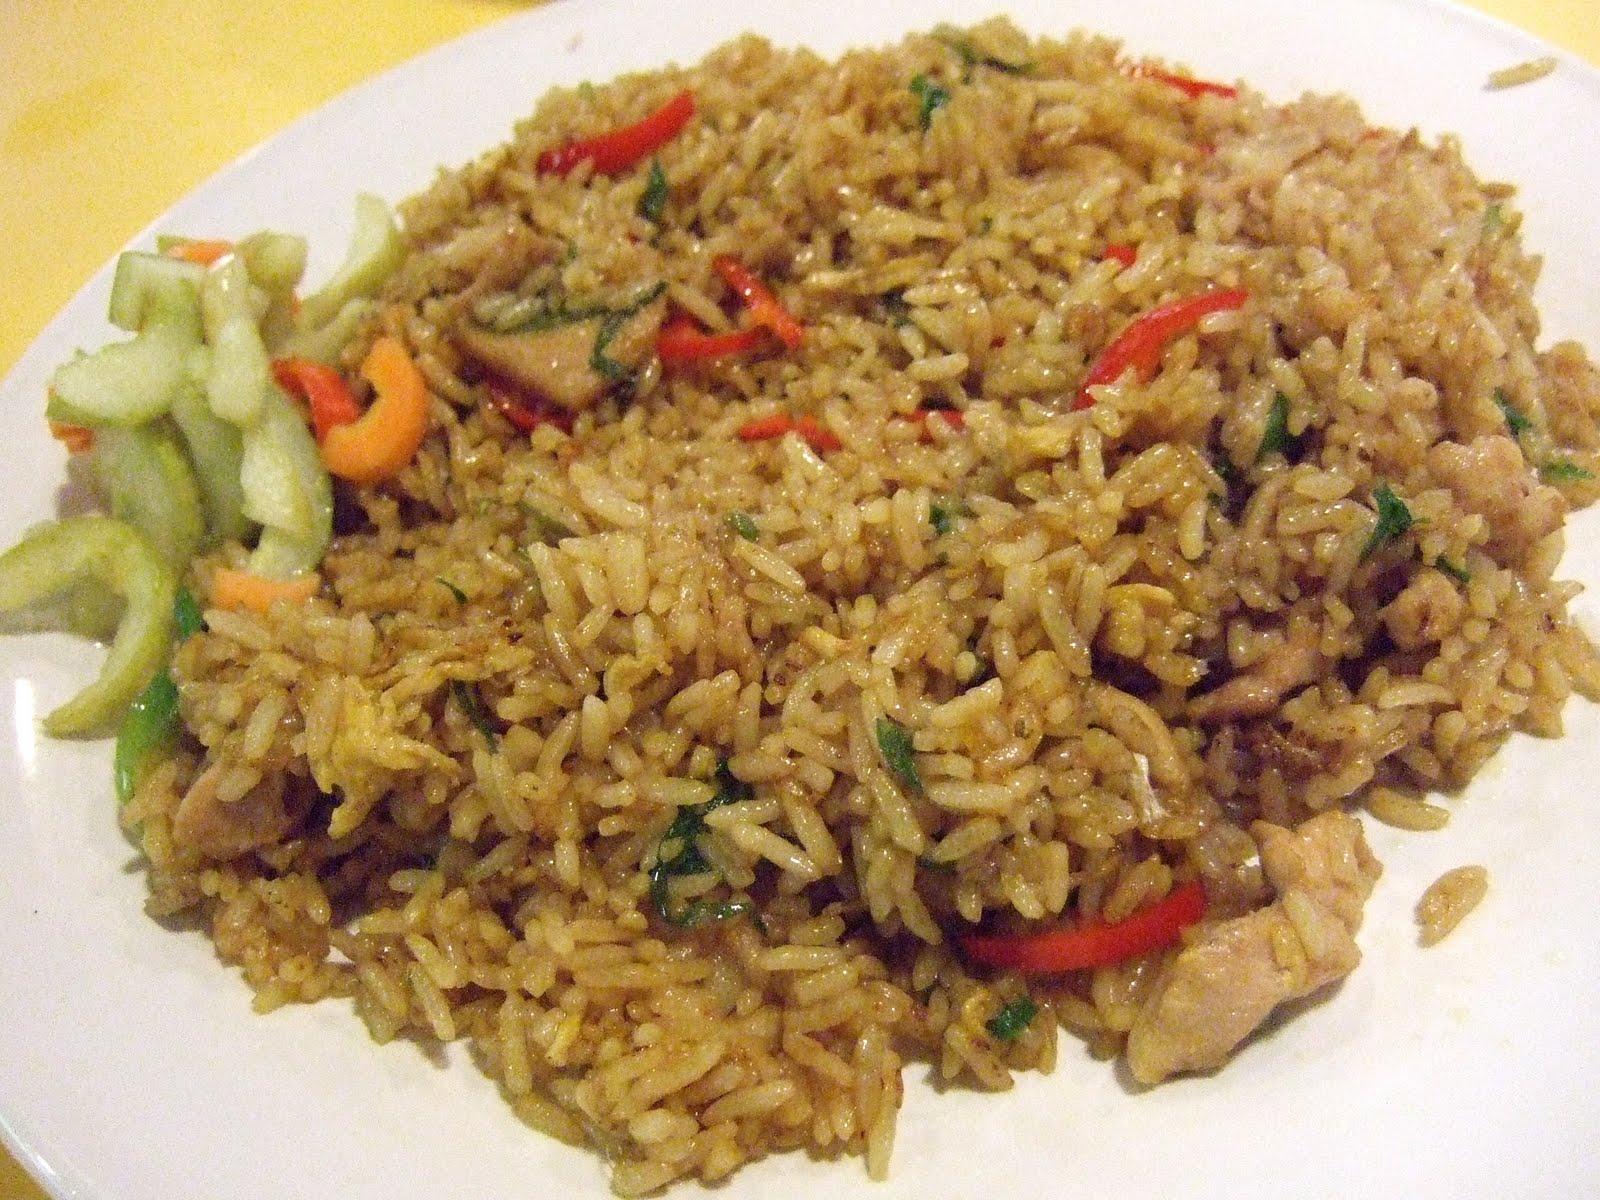 Resep Cara Membuat Nasi Goreng Praktis - Resep Masakan Enak - Resep ...